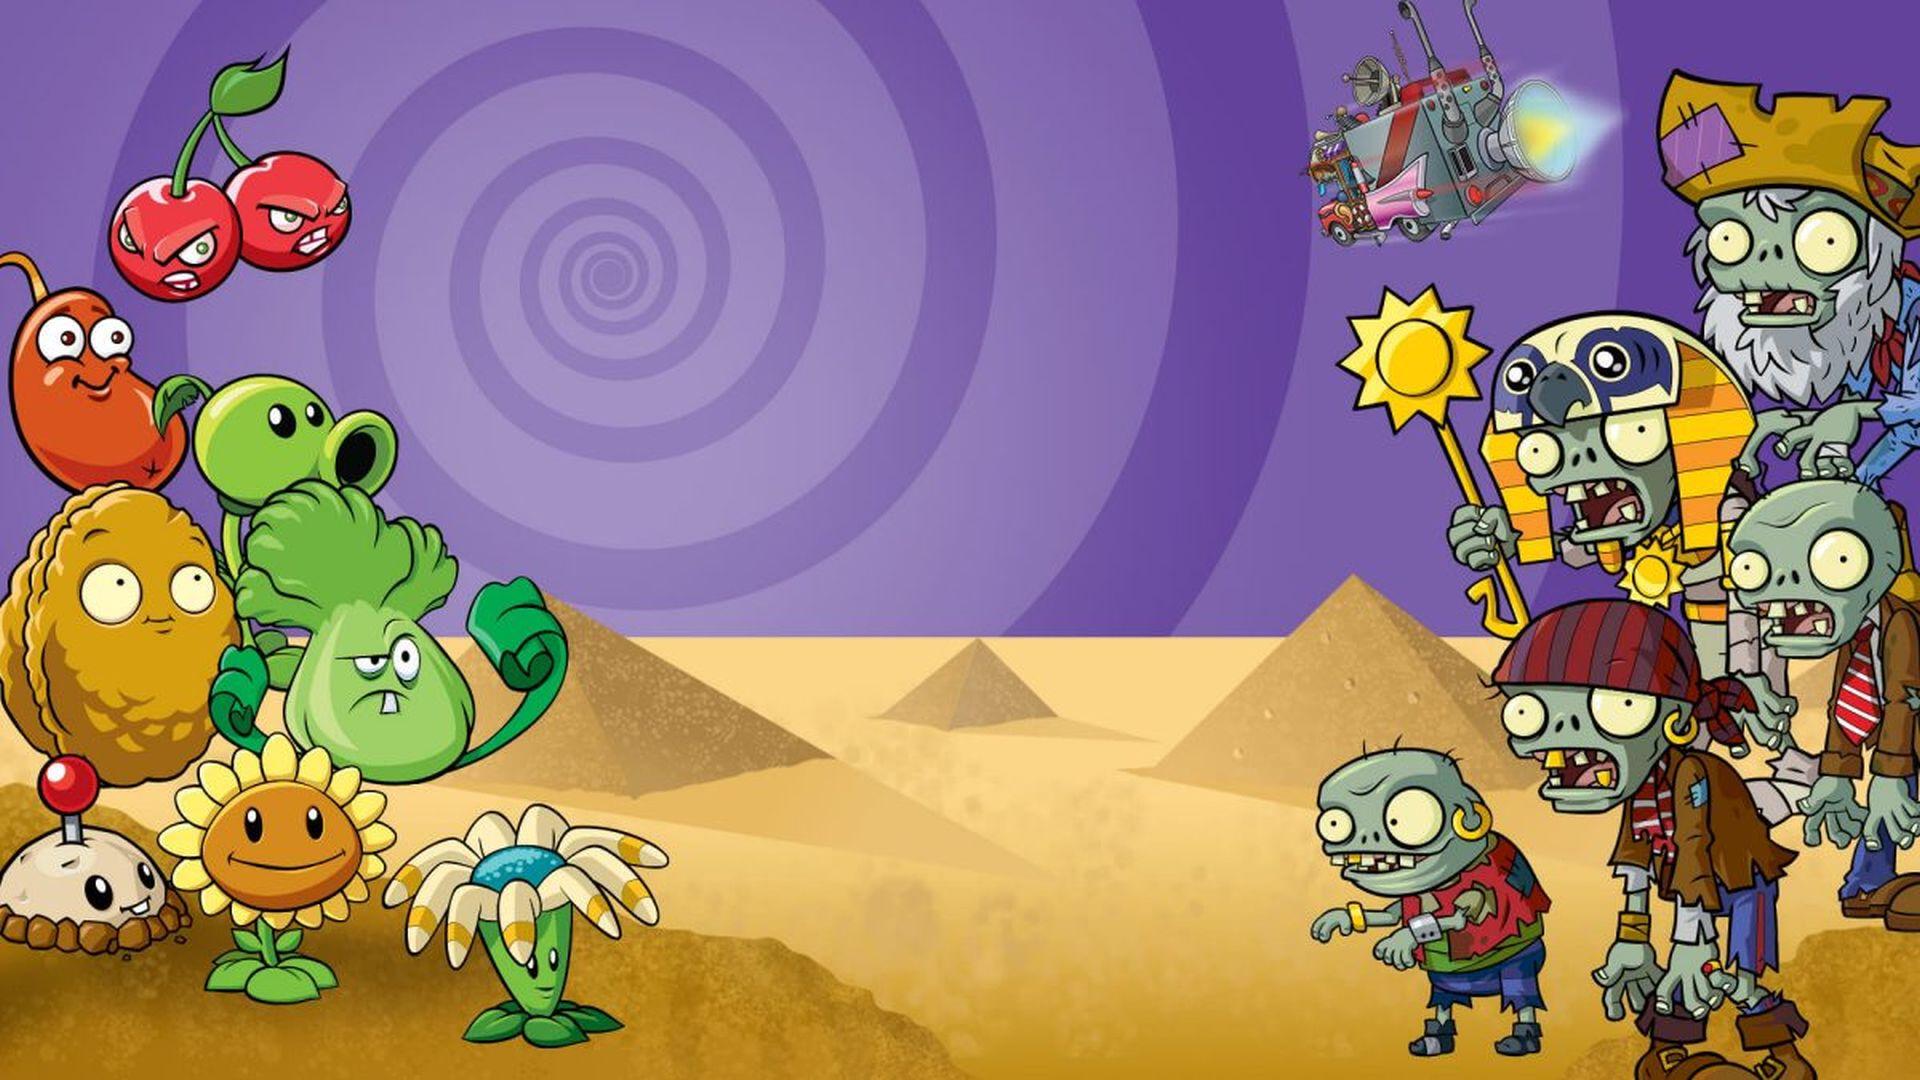 「汇总」《植物大战僵尸3》正式公布 目前仅在谷歌Play展开测试